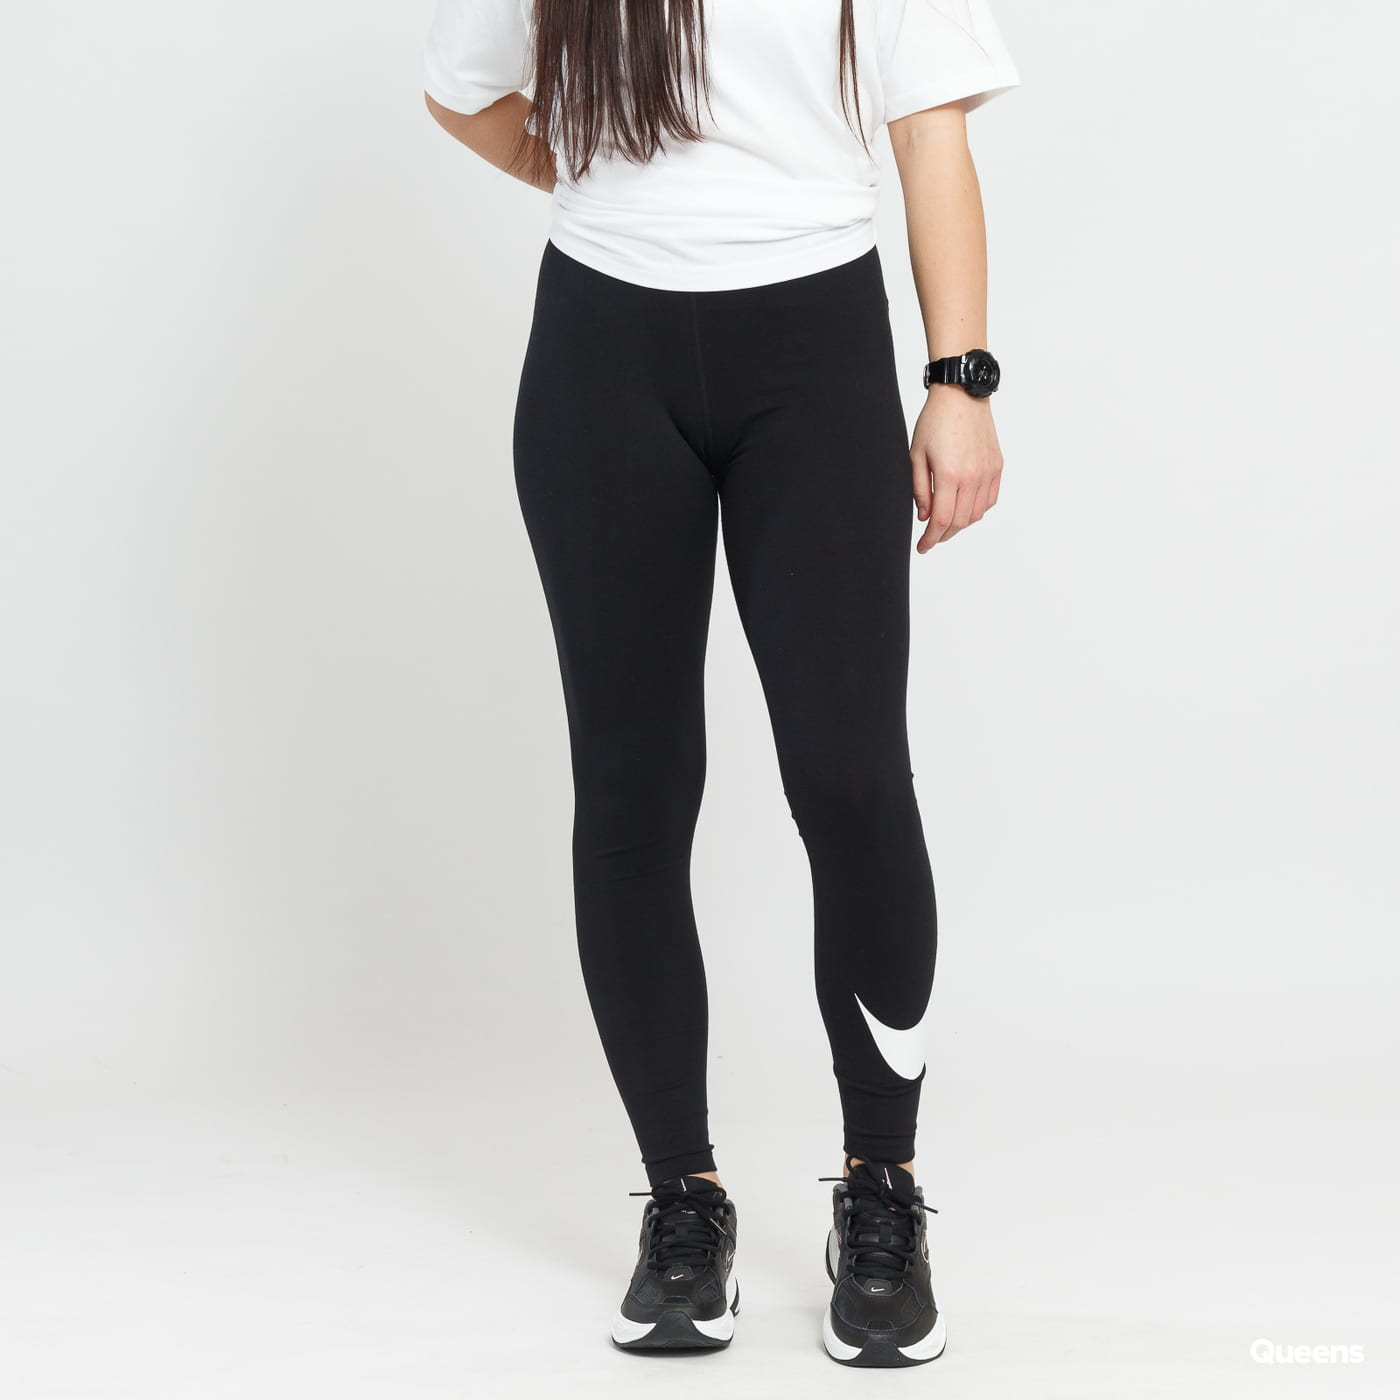 527413e314f0 Legíny Nike W NSW Legasee Legging Swoosh (AR3509-011)– Queens 💚